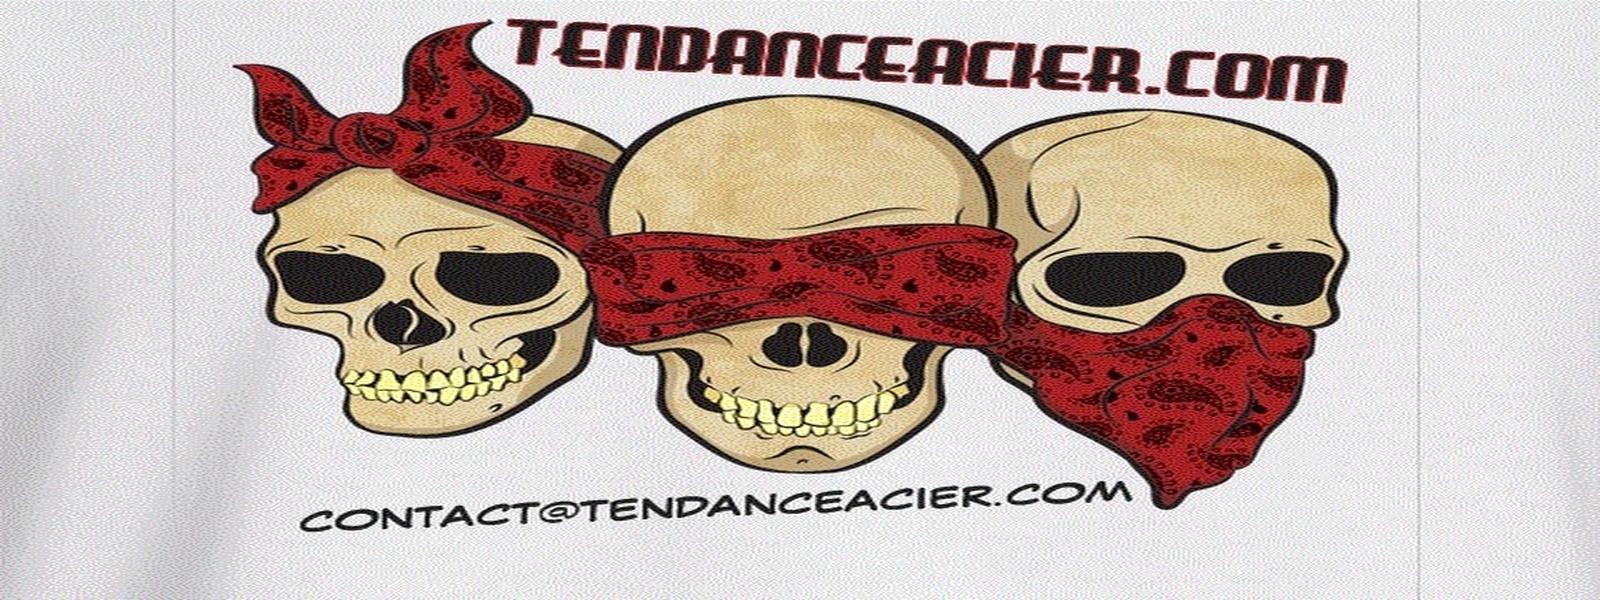 Tendanceacier.com bijoux Mortel eternel Haute qualité et petit prix